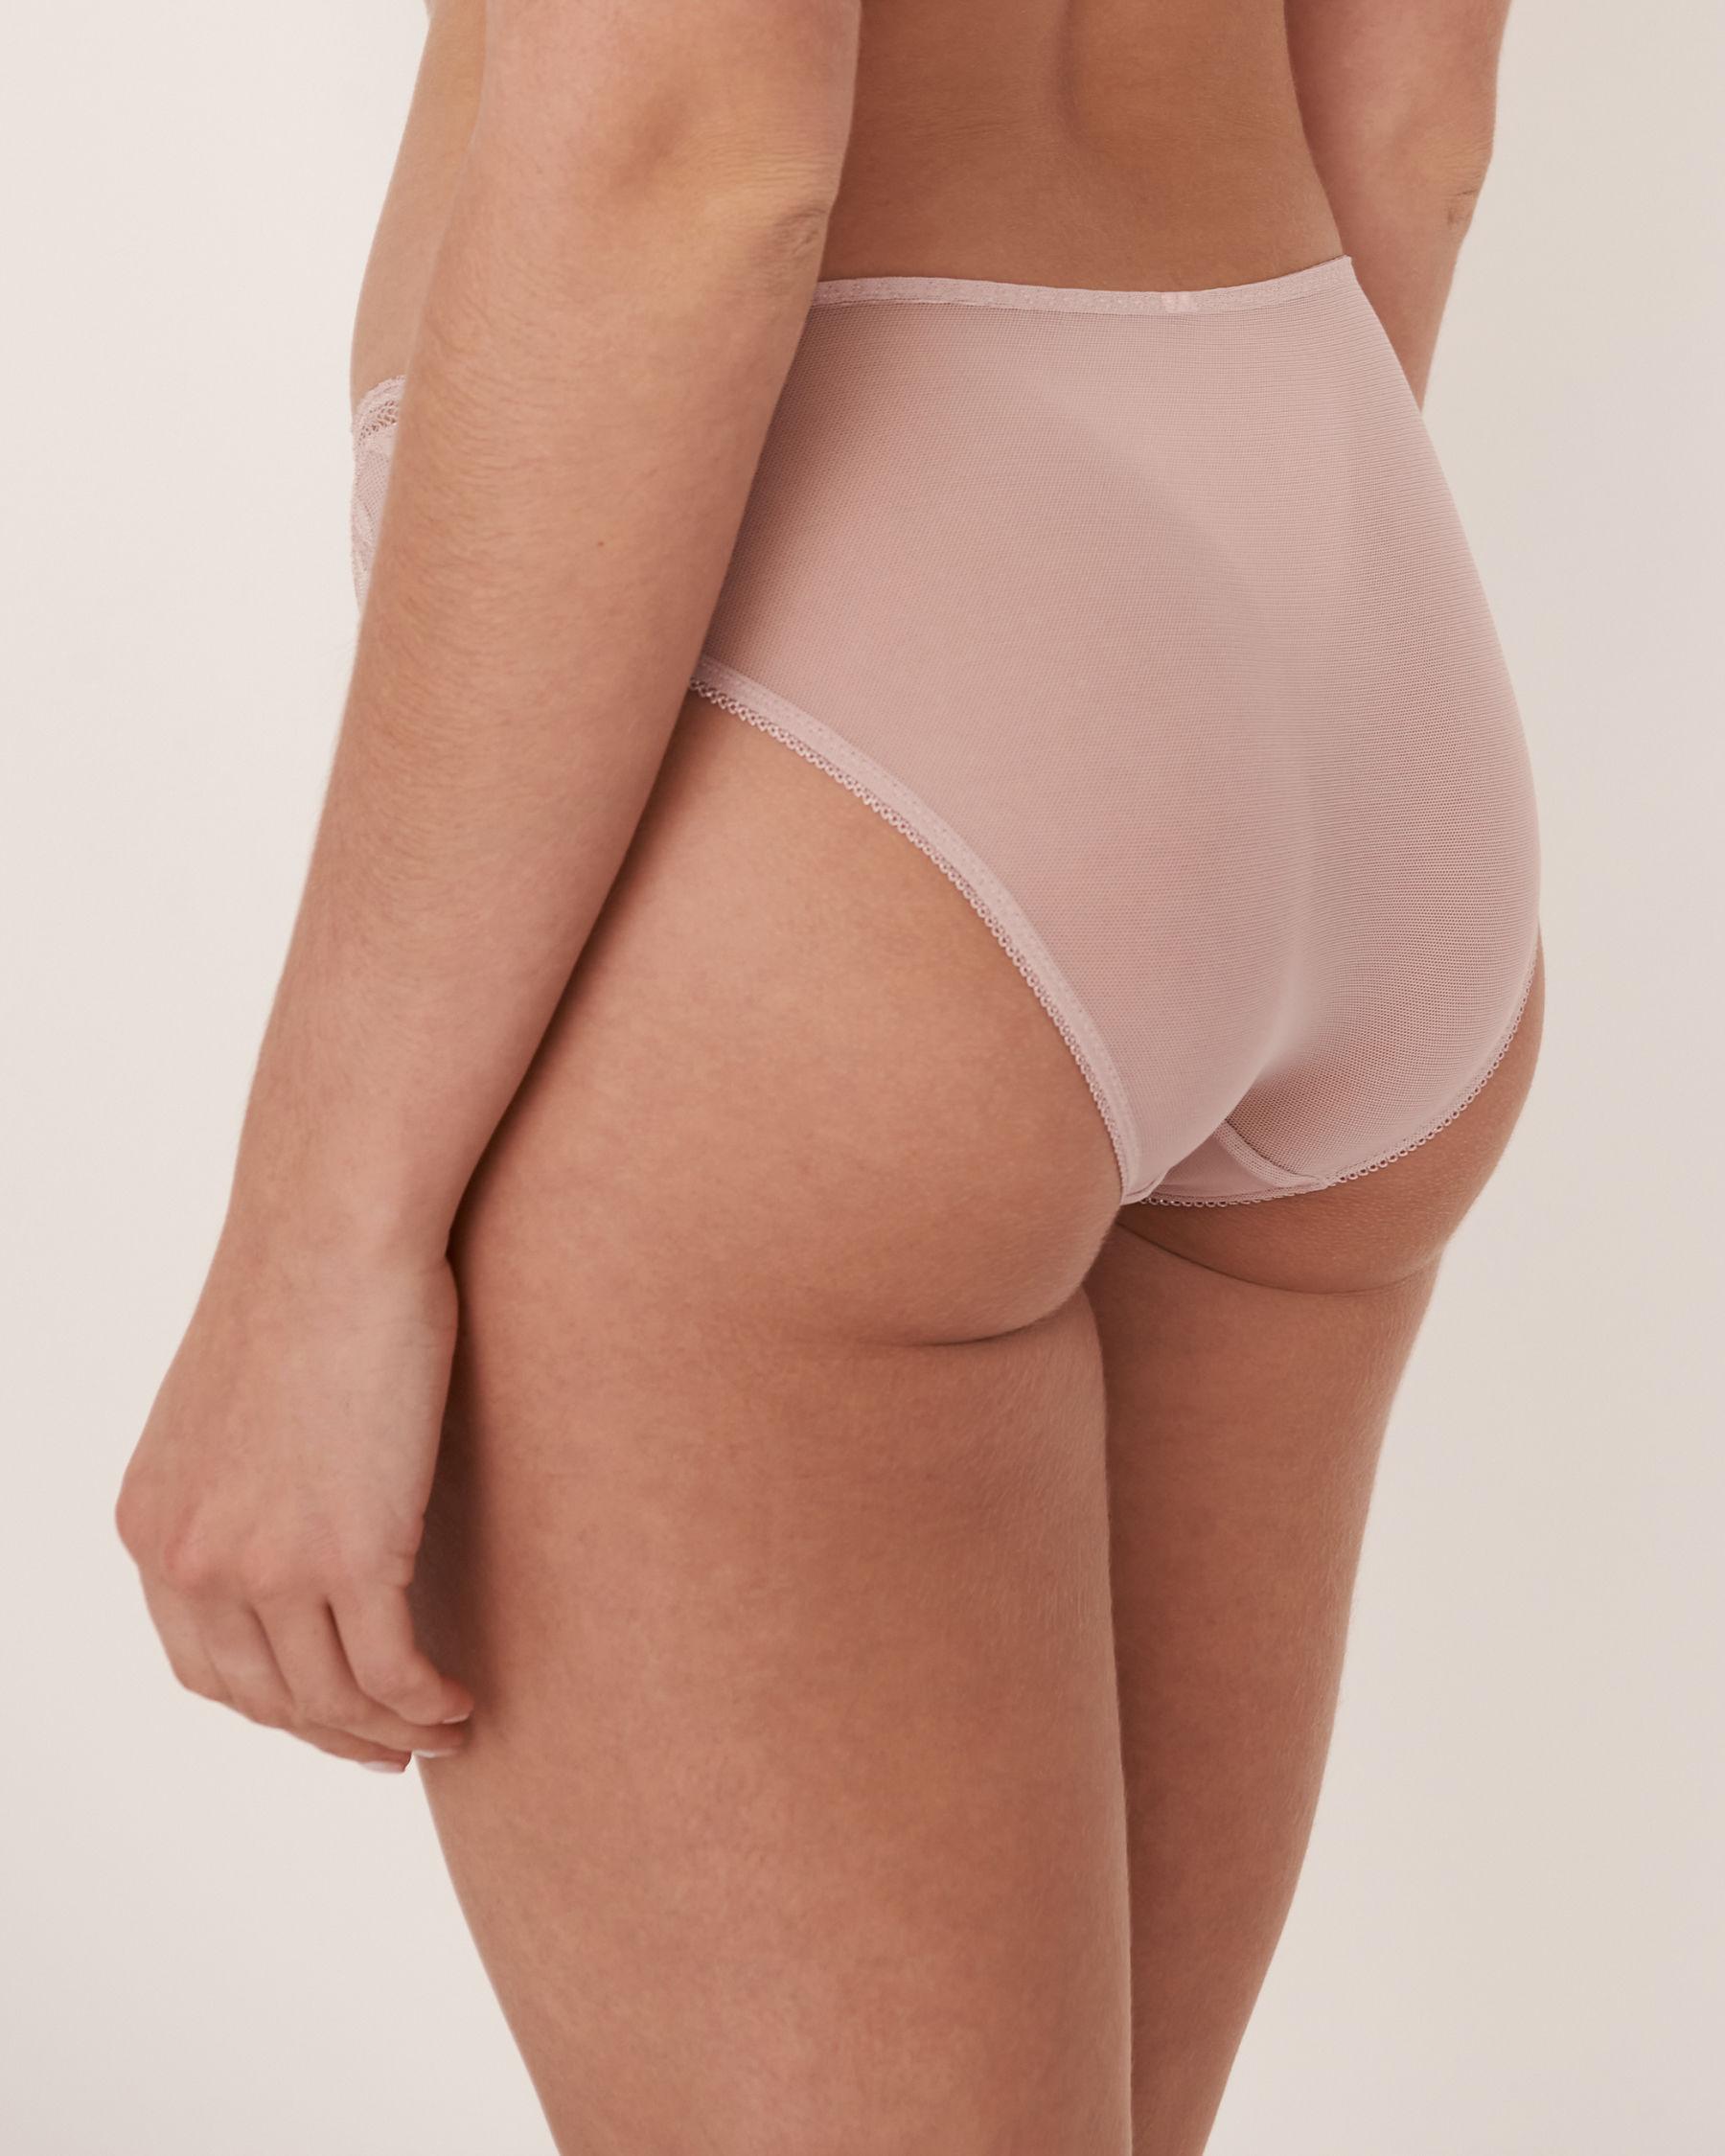 LA VIE EN ROSE Bikini Panty Shadow grey 20200041 - View2